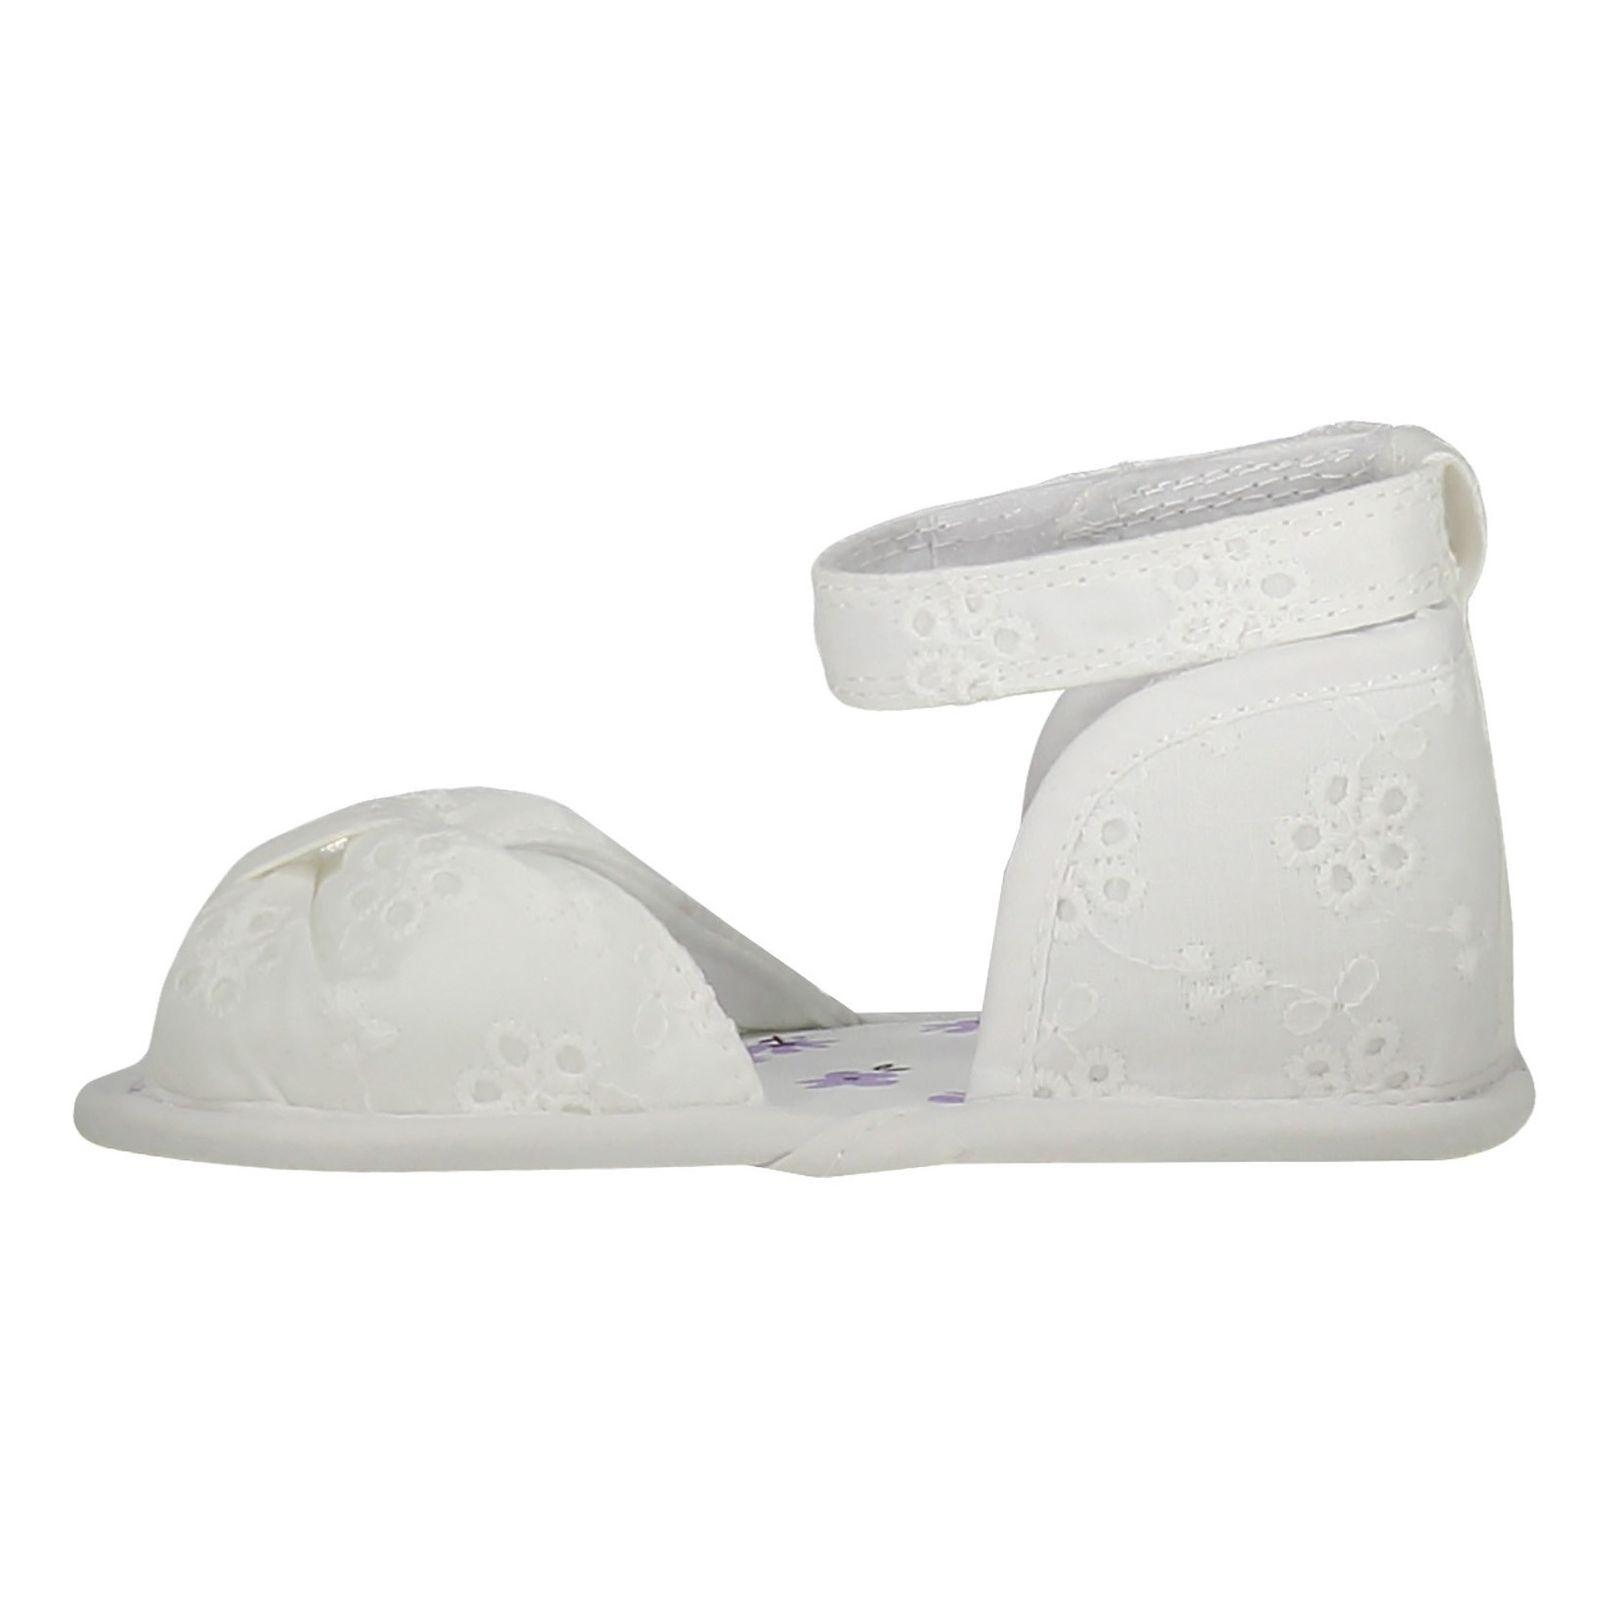 کفش پارچه ای نوزادی دخترانه - بلوزو - سفيد - 3